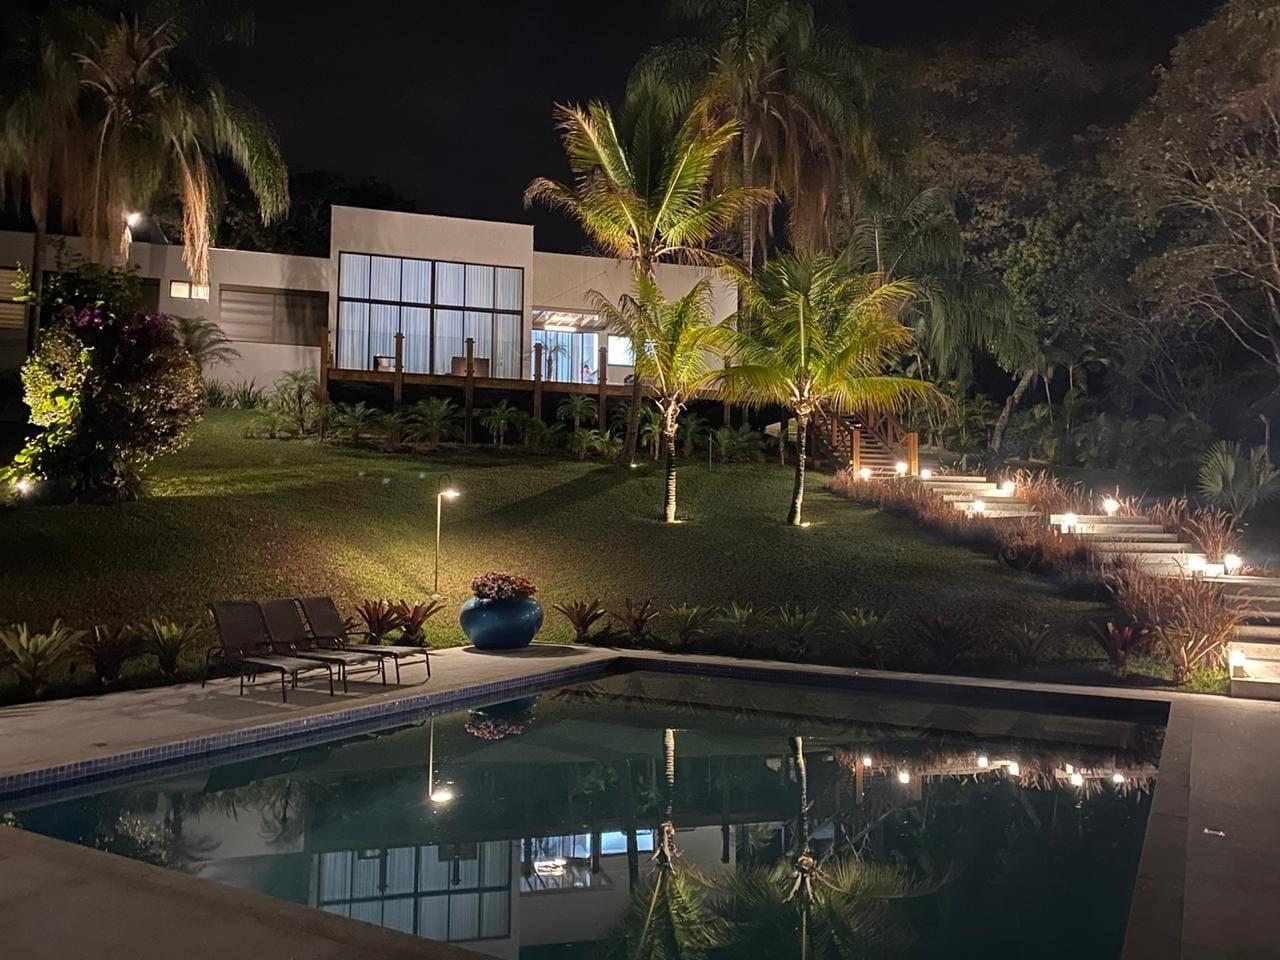 https://static.arboimoveis.com.br/CA0042_REALLE/casa-a-venda-vale-verde-ville-lagoa-santa1620313830387oqsgx.jpg